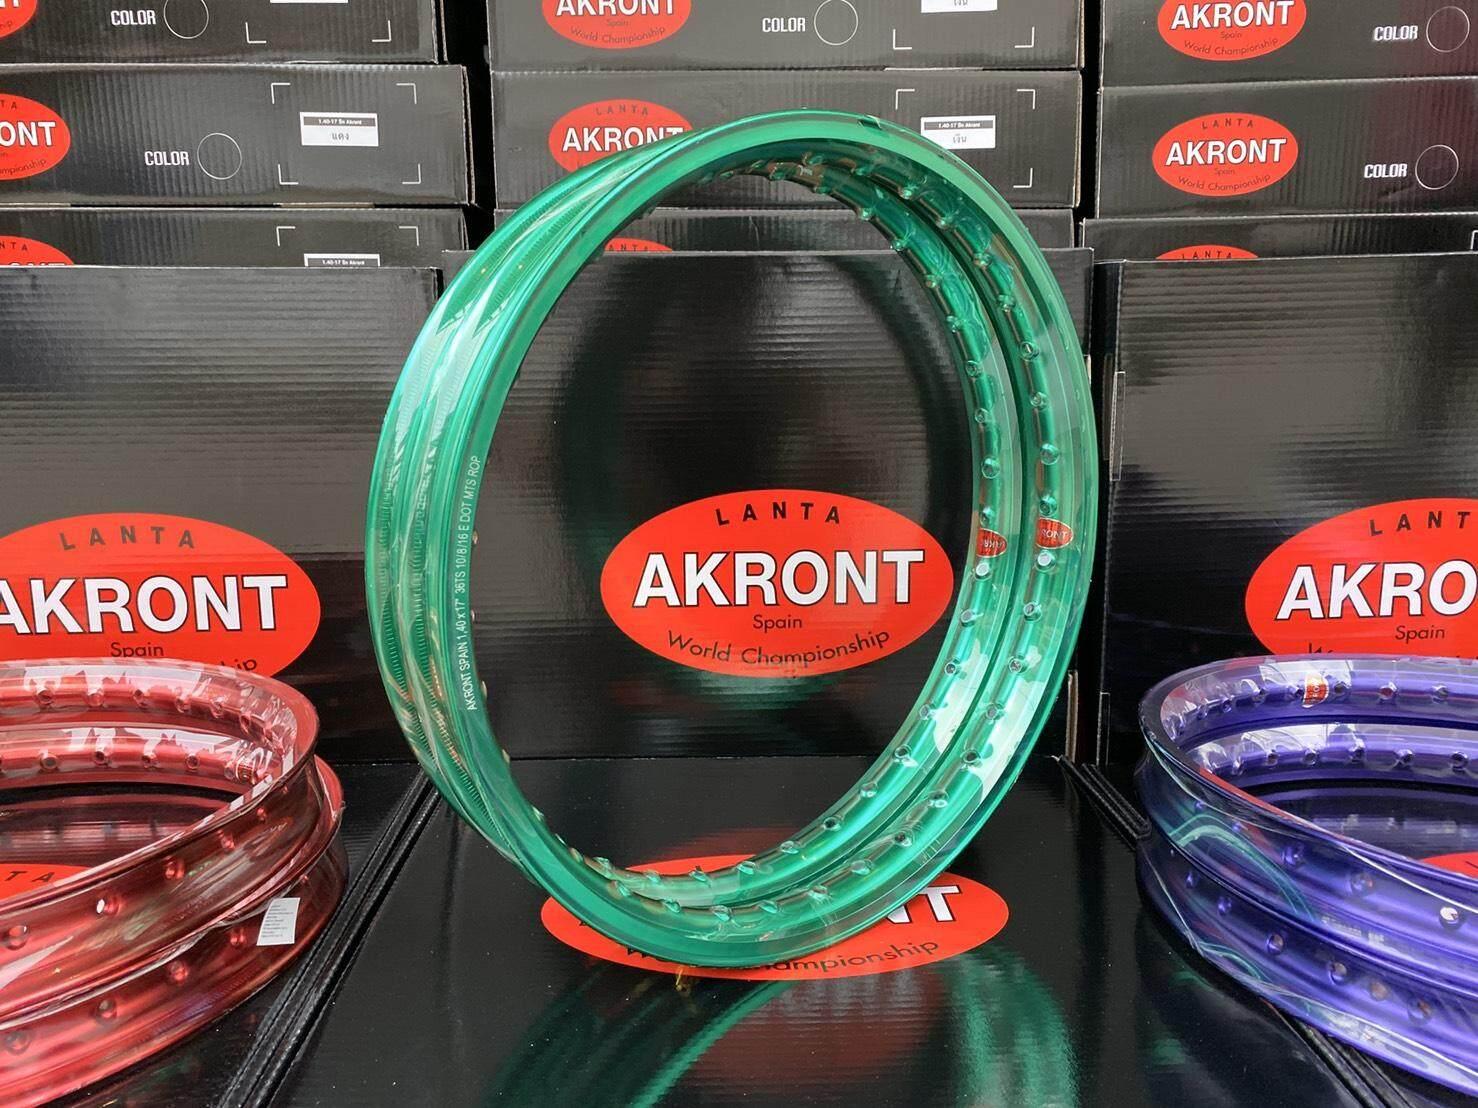 วงล้อ AKRONT ลิขสิทธิ์แท้ ขนาด1.4-17 แข็ง หนา งานเลเซอร์ขอบ สีสดไม่ซีด l PTM Racing